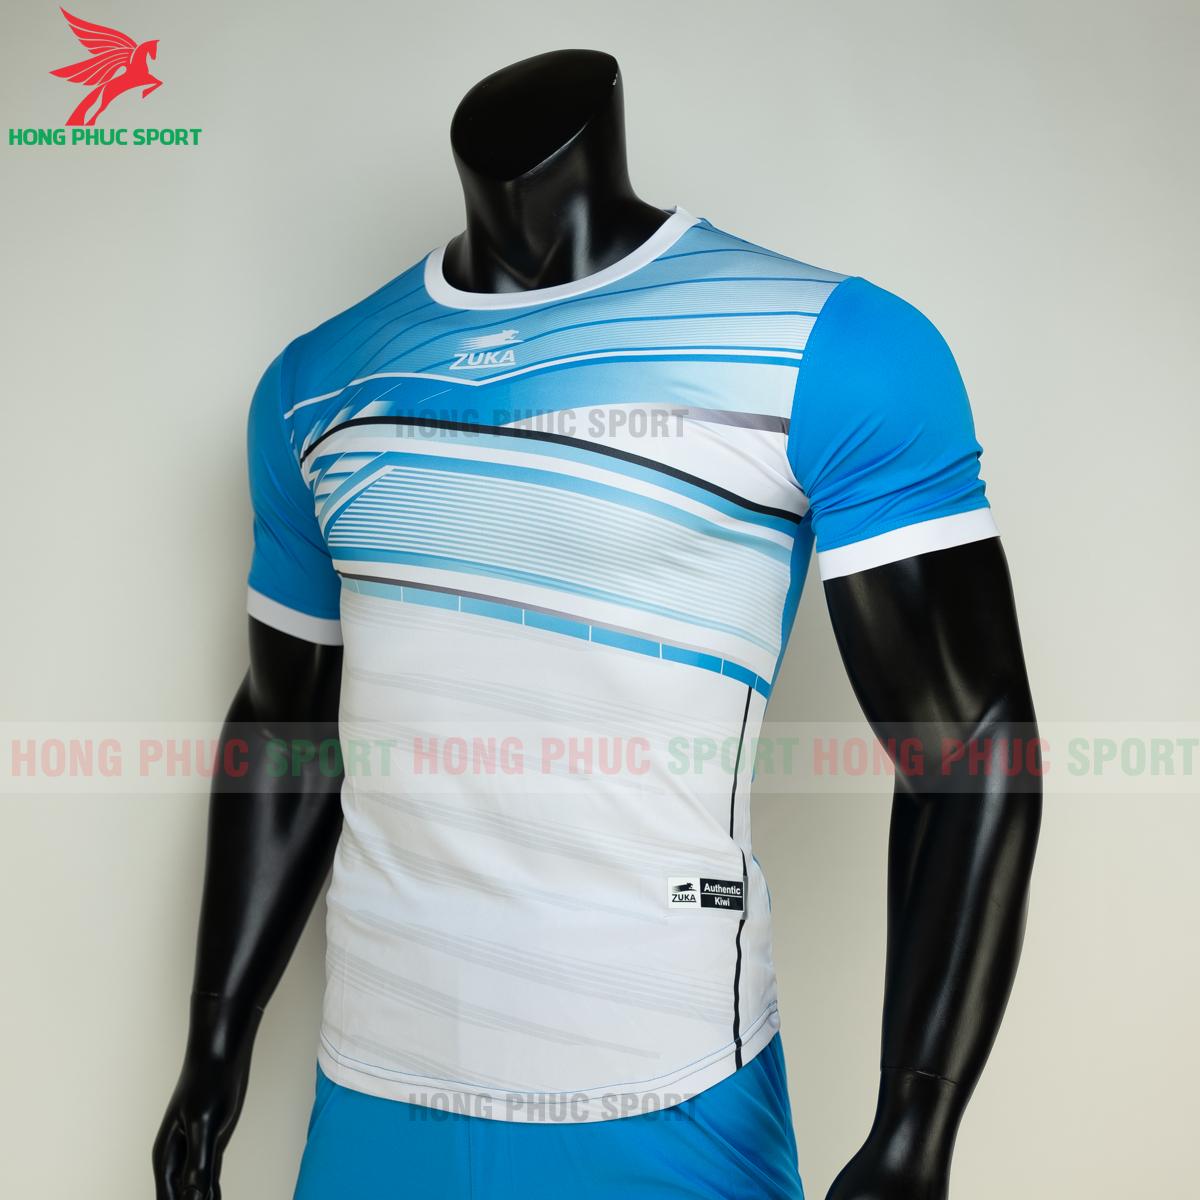 https://cdn.hongphucsport.com/unsafe/s4.shopbay.vn/files/285/ao-bong-da-khong-logo-zuka-01-mau-xanh-4-60502e7518ed0.png